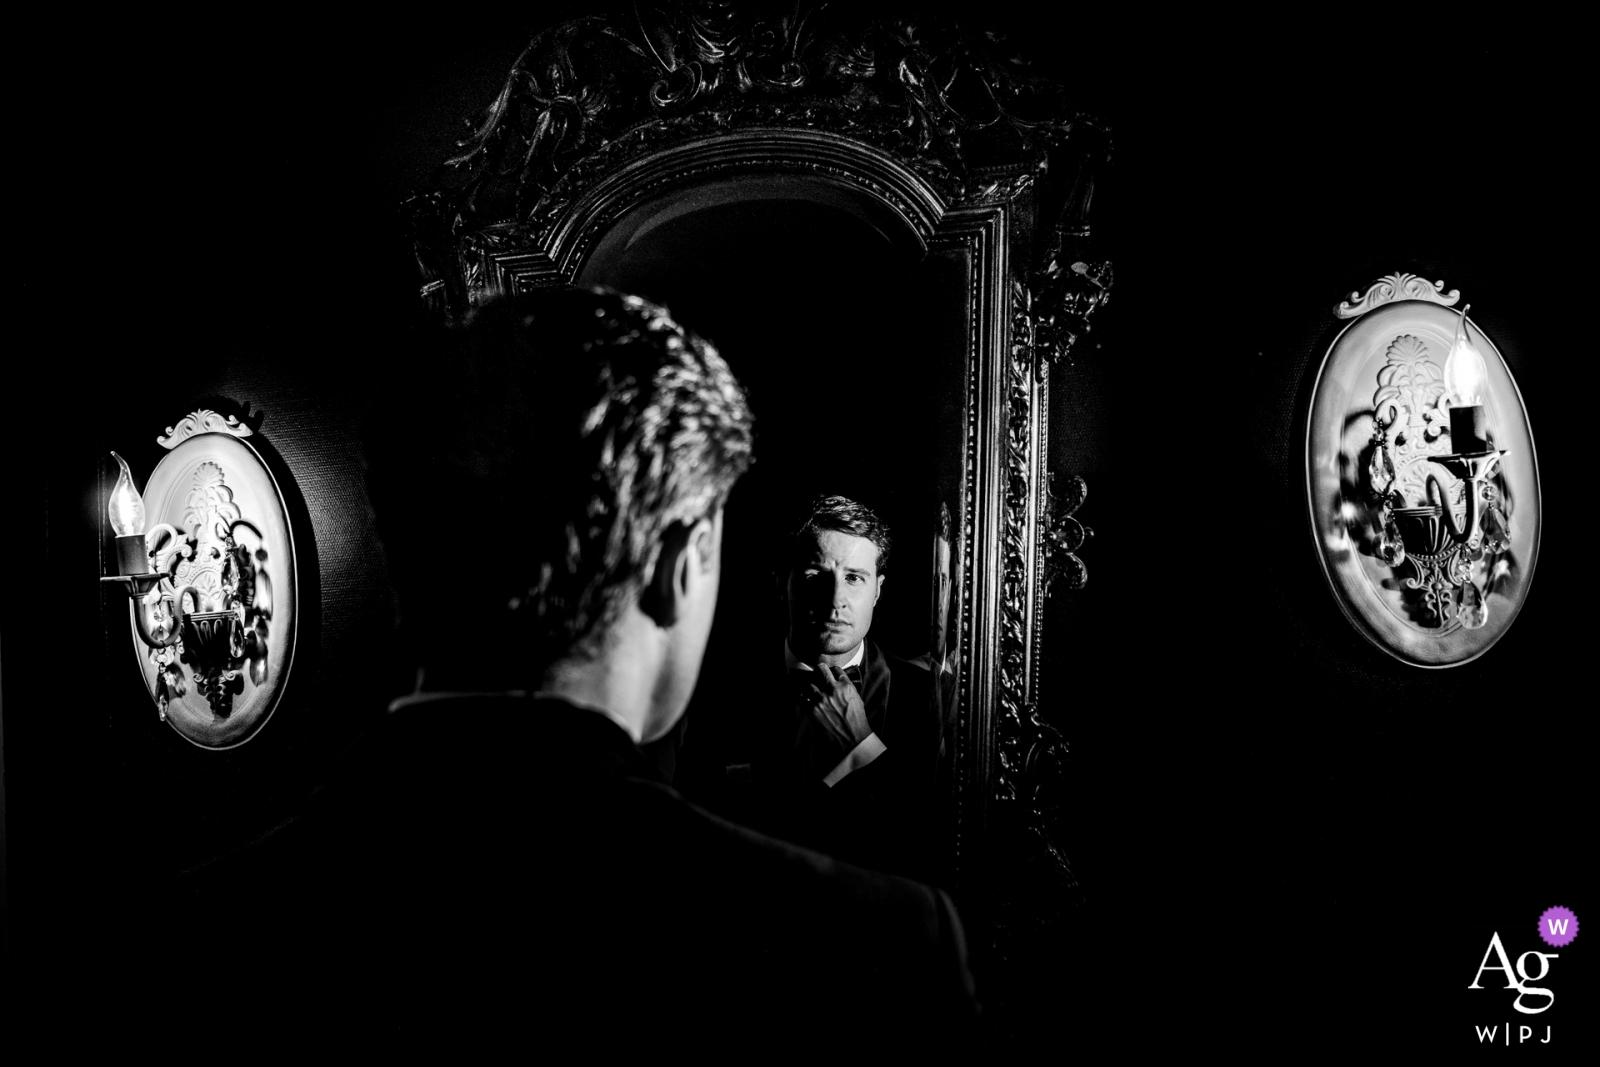 Bräutigamporträt Deutschlands Würzburg - Hochzeitstagphotographie in Schwarzweiss mit einem Spiegel